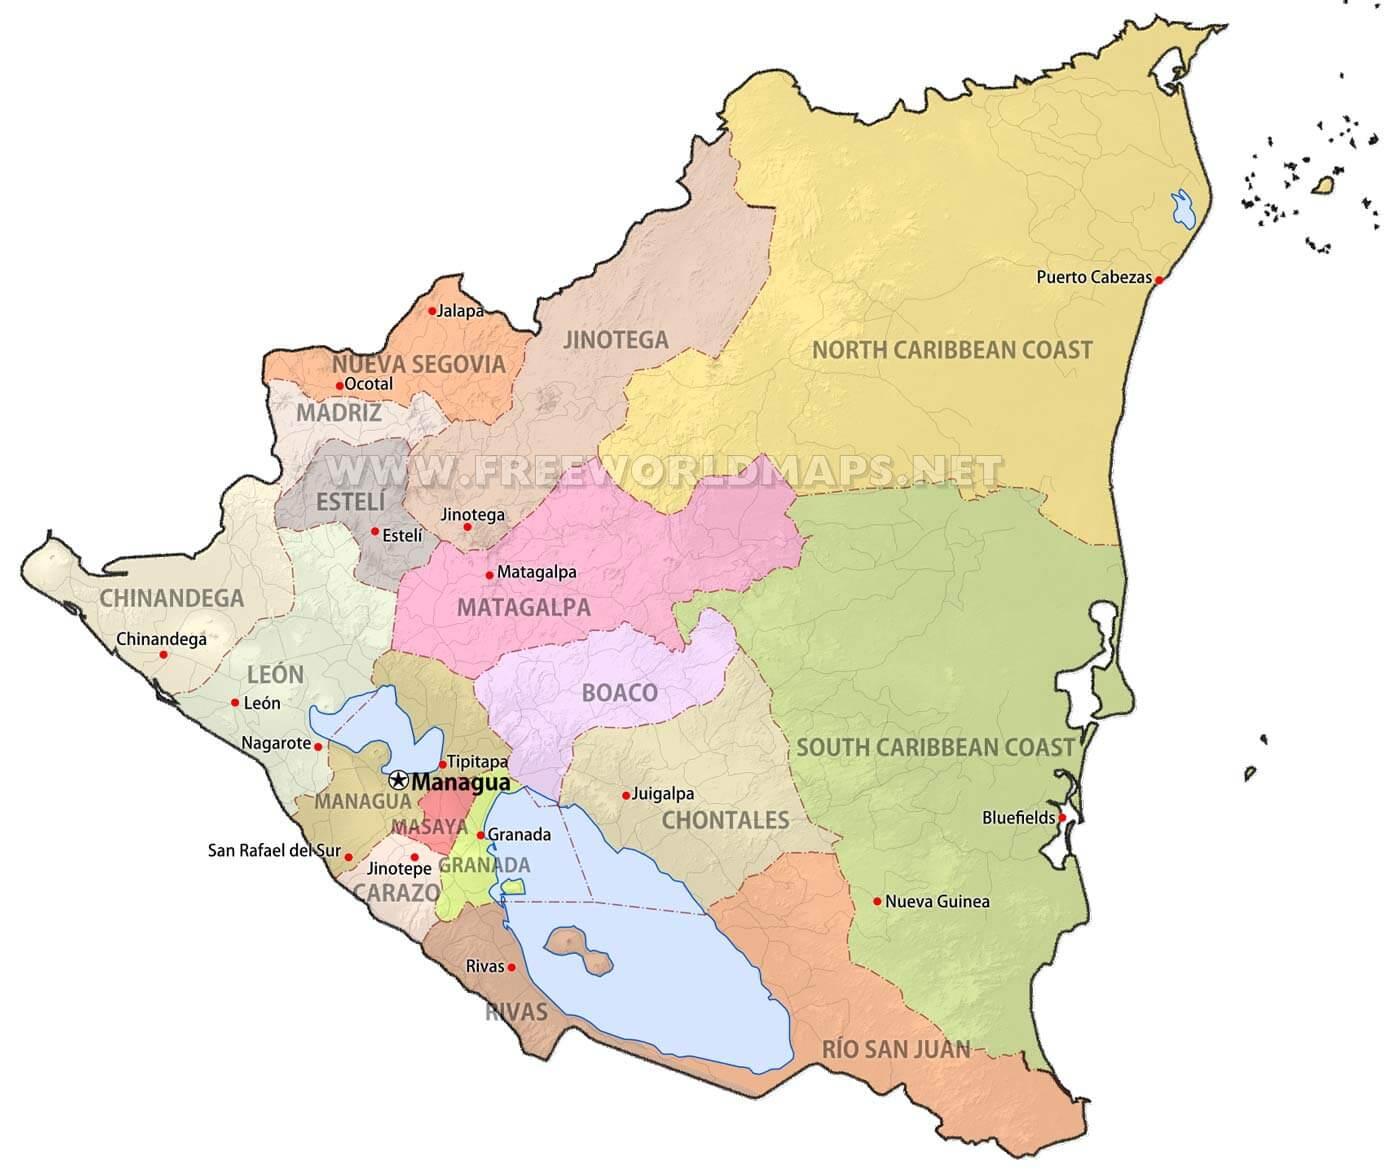 Nicaragua Maps FreeWorldMapsnet - Nicaragua map